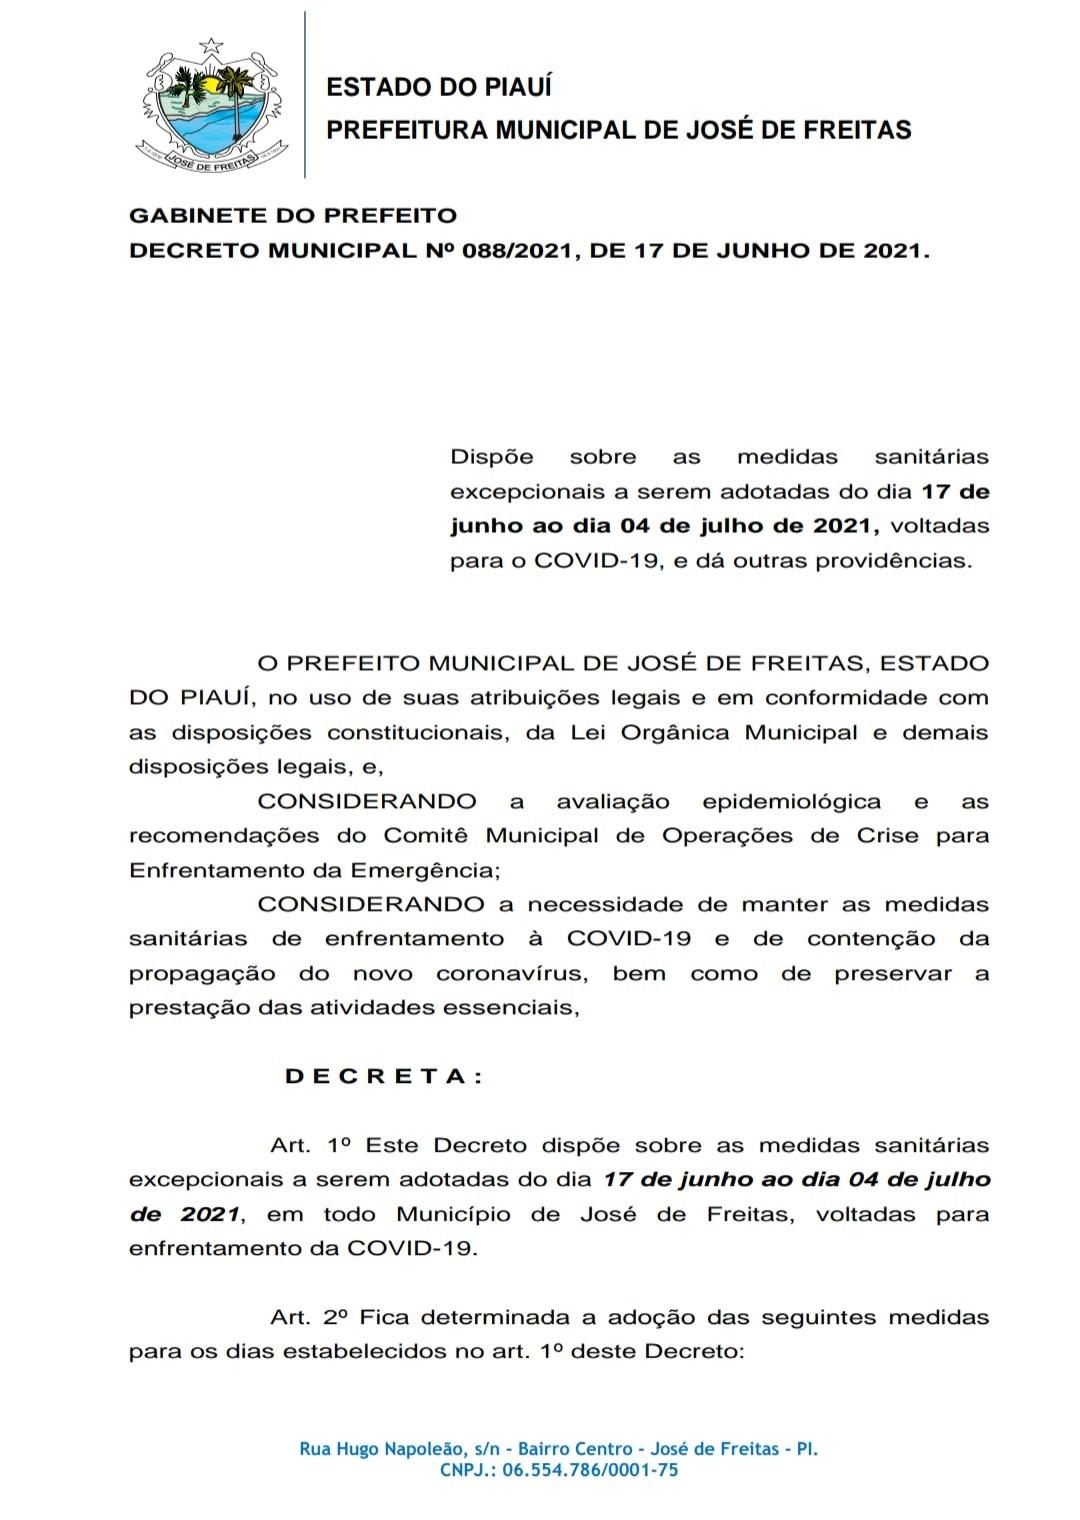 Prefeito interdita Barragem do Bezerro para conter avanço da Covid-19 - Imagem 2